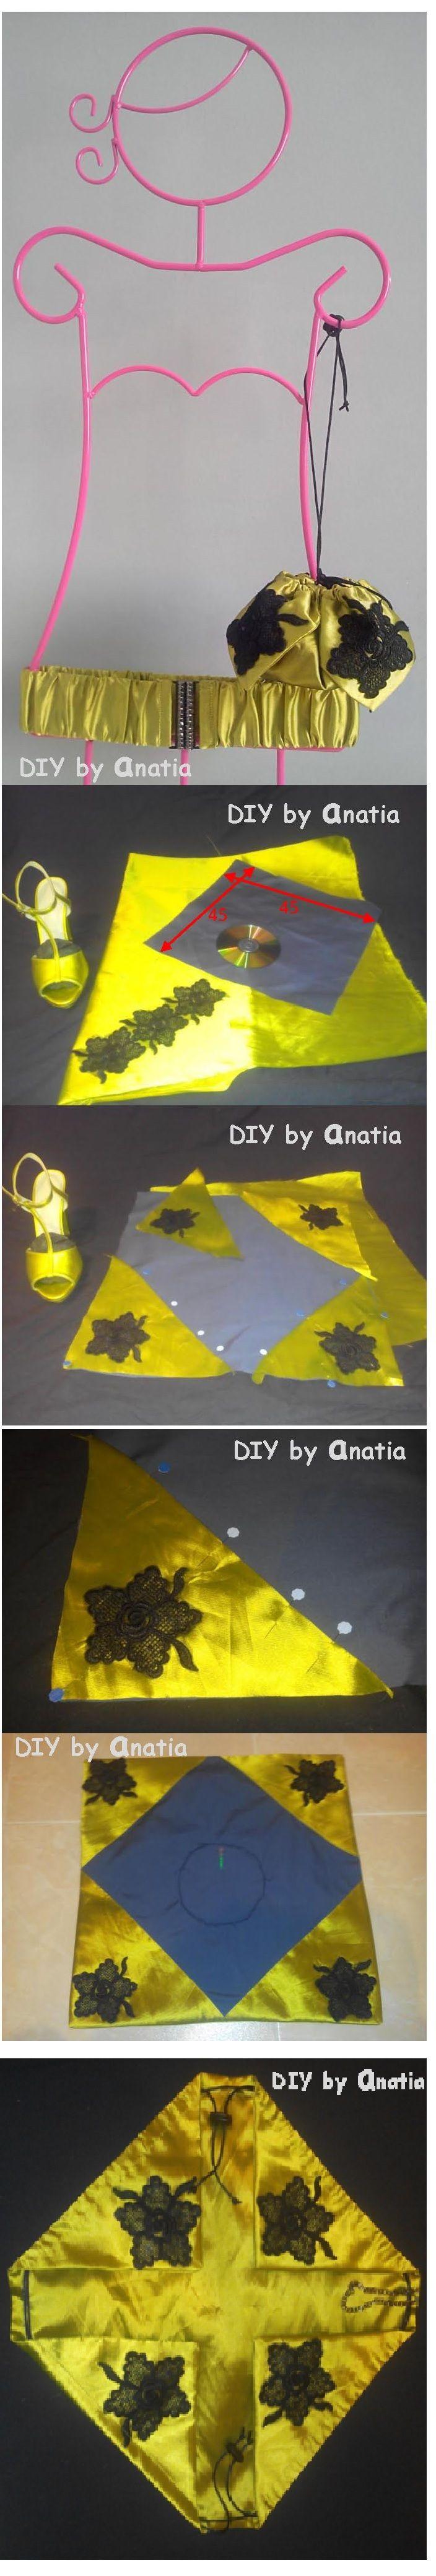 Bolso fiesta  HandBag party  Diy by Anatia